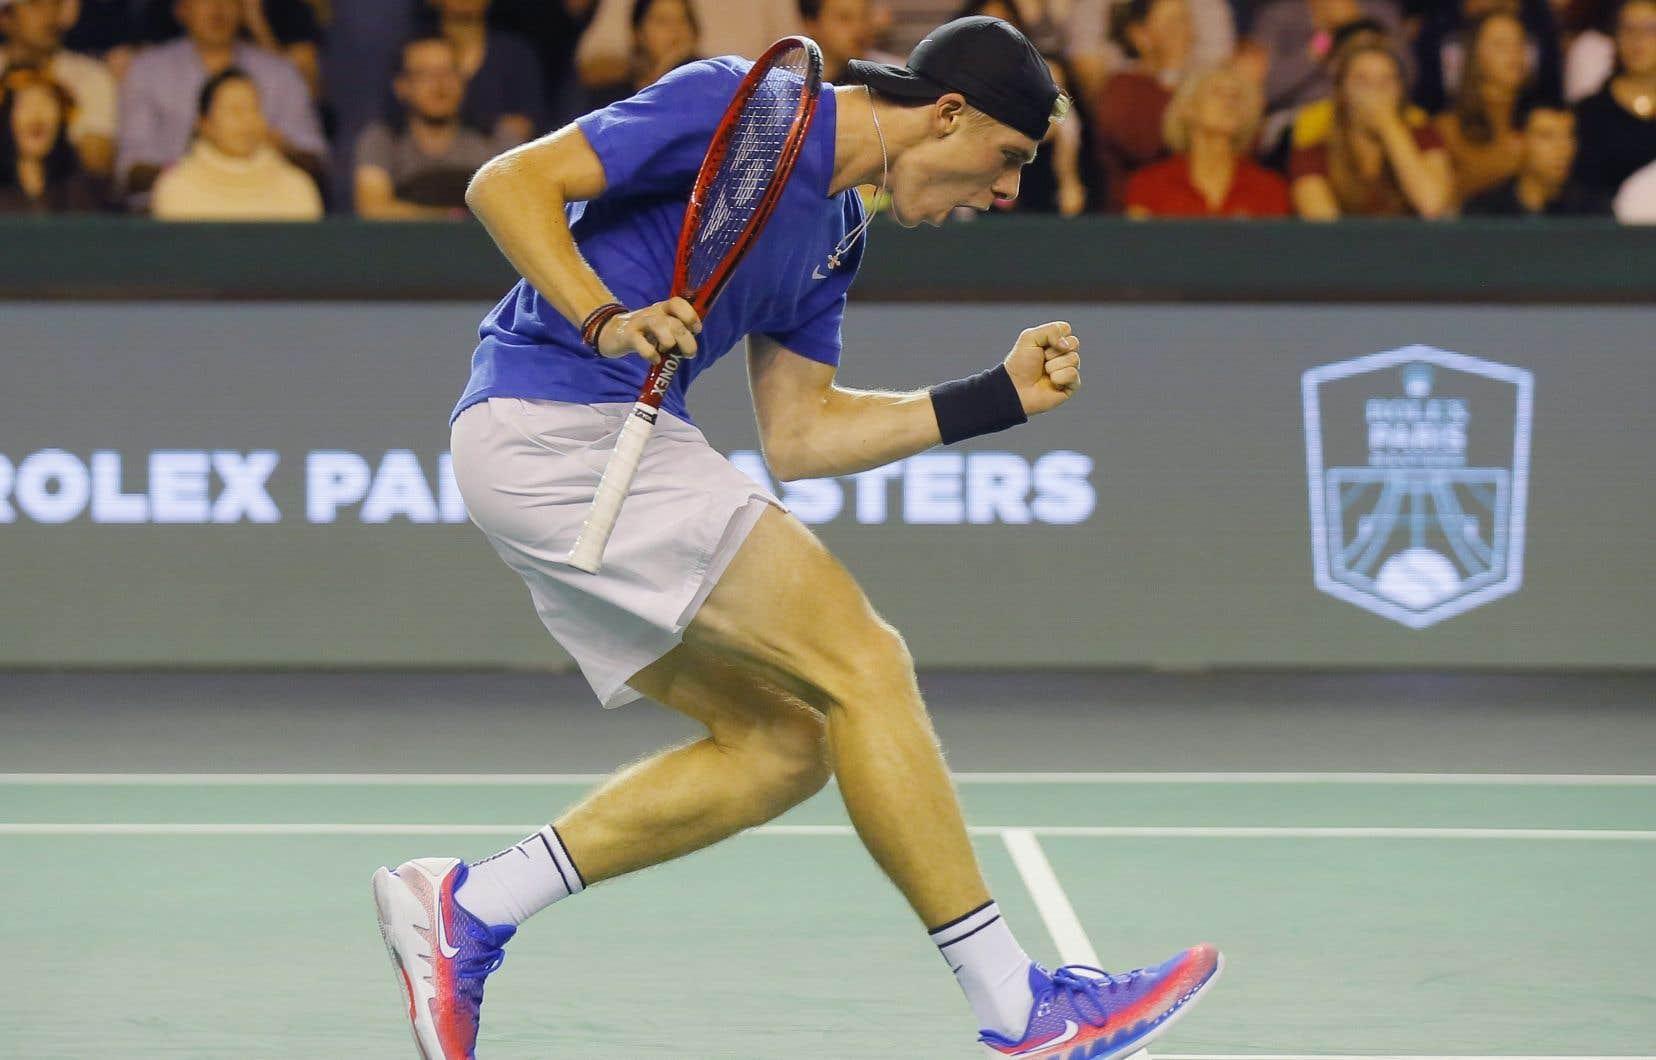 Le Canadien a appris quelques minutes seulement avant son duel en demi-finales contre l'Espagnol Rafael Nadal que ce dernier se retirait du tournoi en raison d'une blessure à l'abdomen.